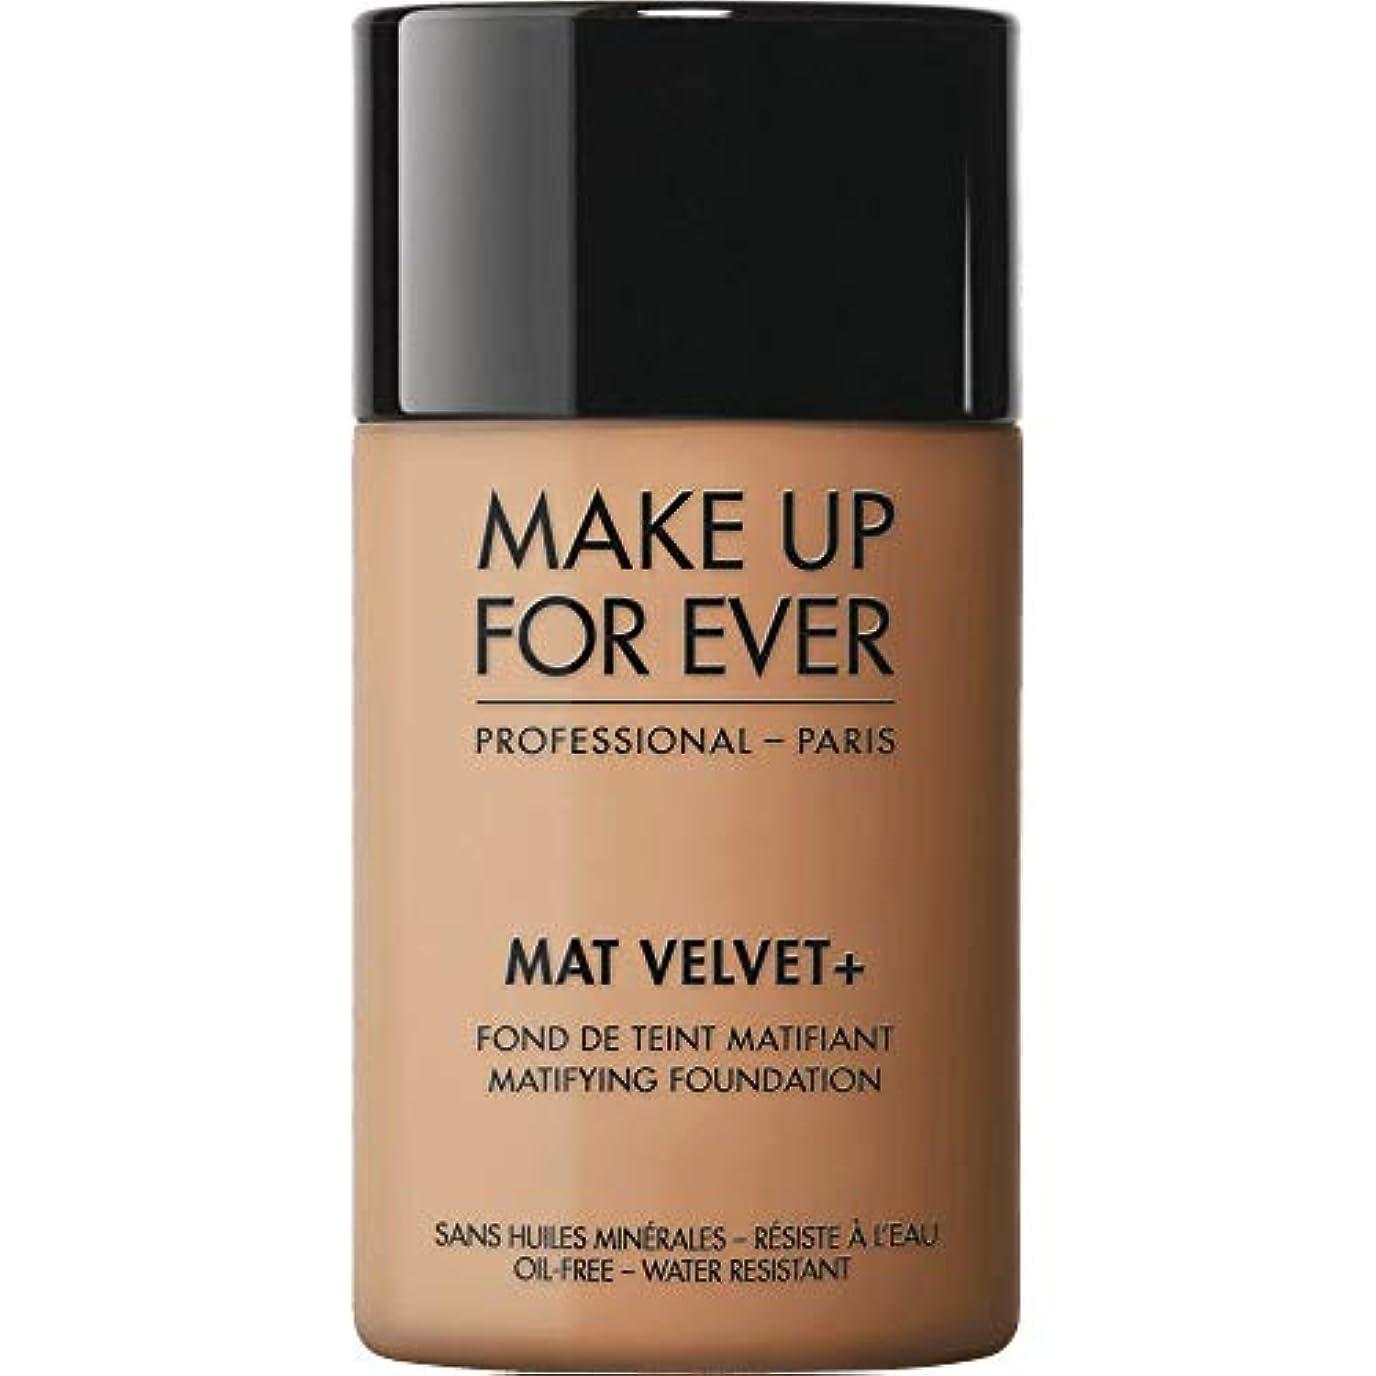 ホラー通り抜けるハンカチ[MAKE UP FOR EVER ] 暖かい琥珀 - これまでマットベルベット+マティファイングの基礎30ミリリットル67を補います - MAKE UP FOR EVER Mat Velvet+ Matifying Foundation...